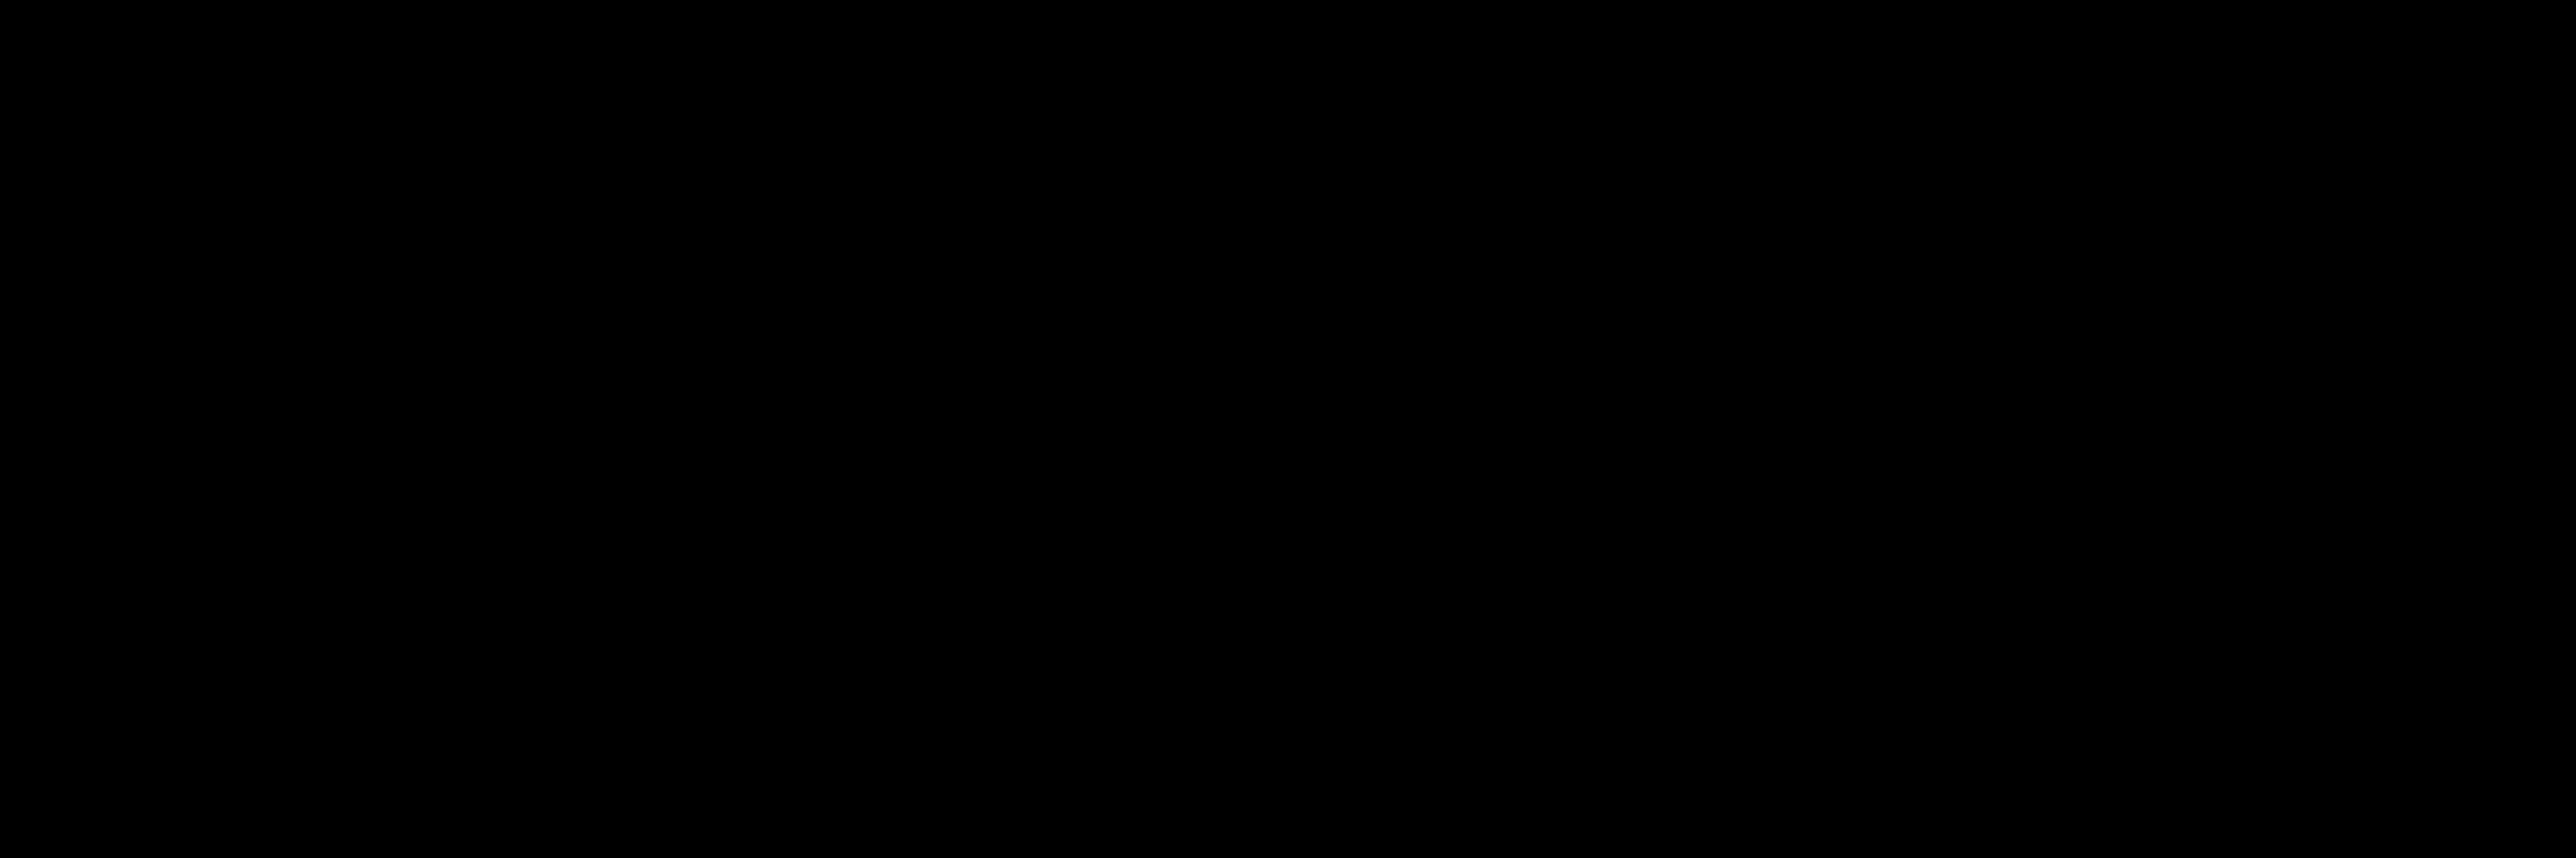 Bovet-logo.png